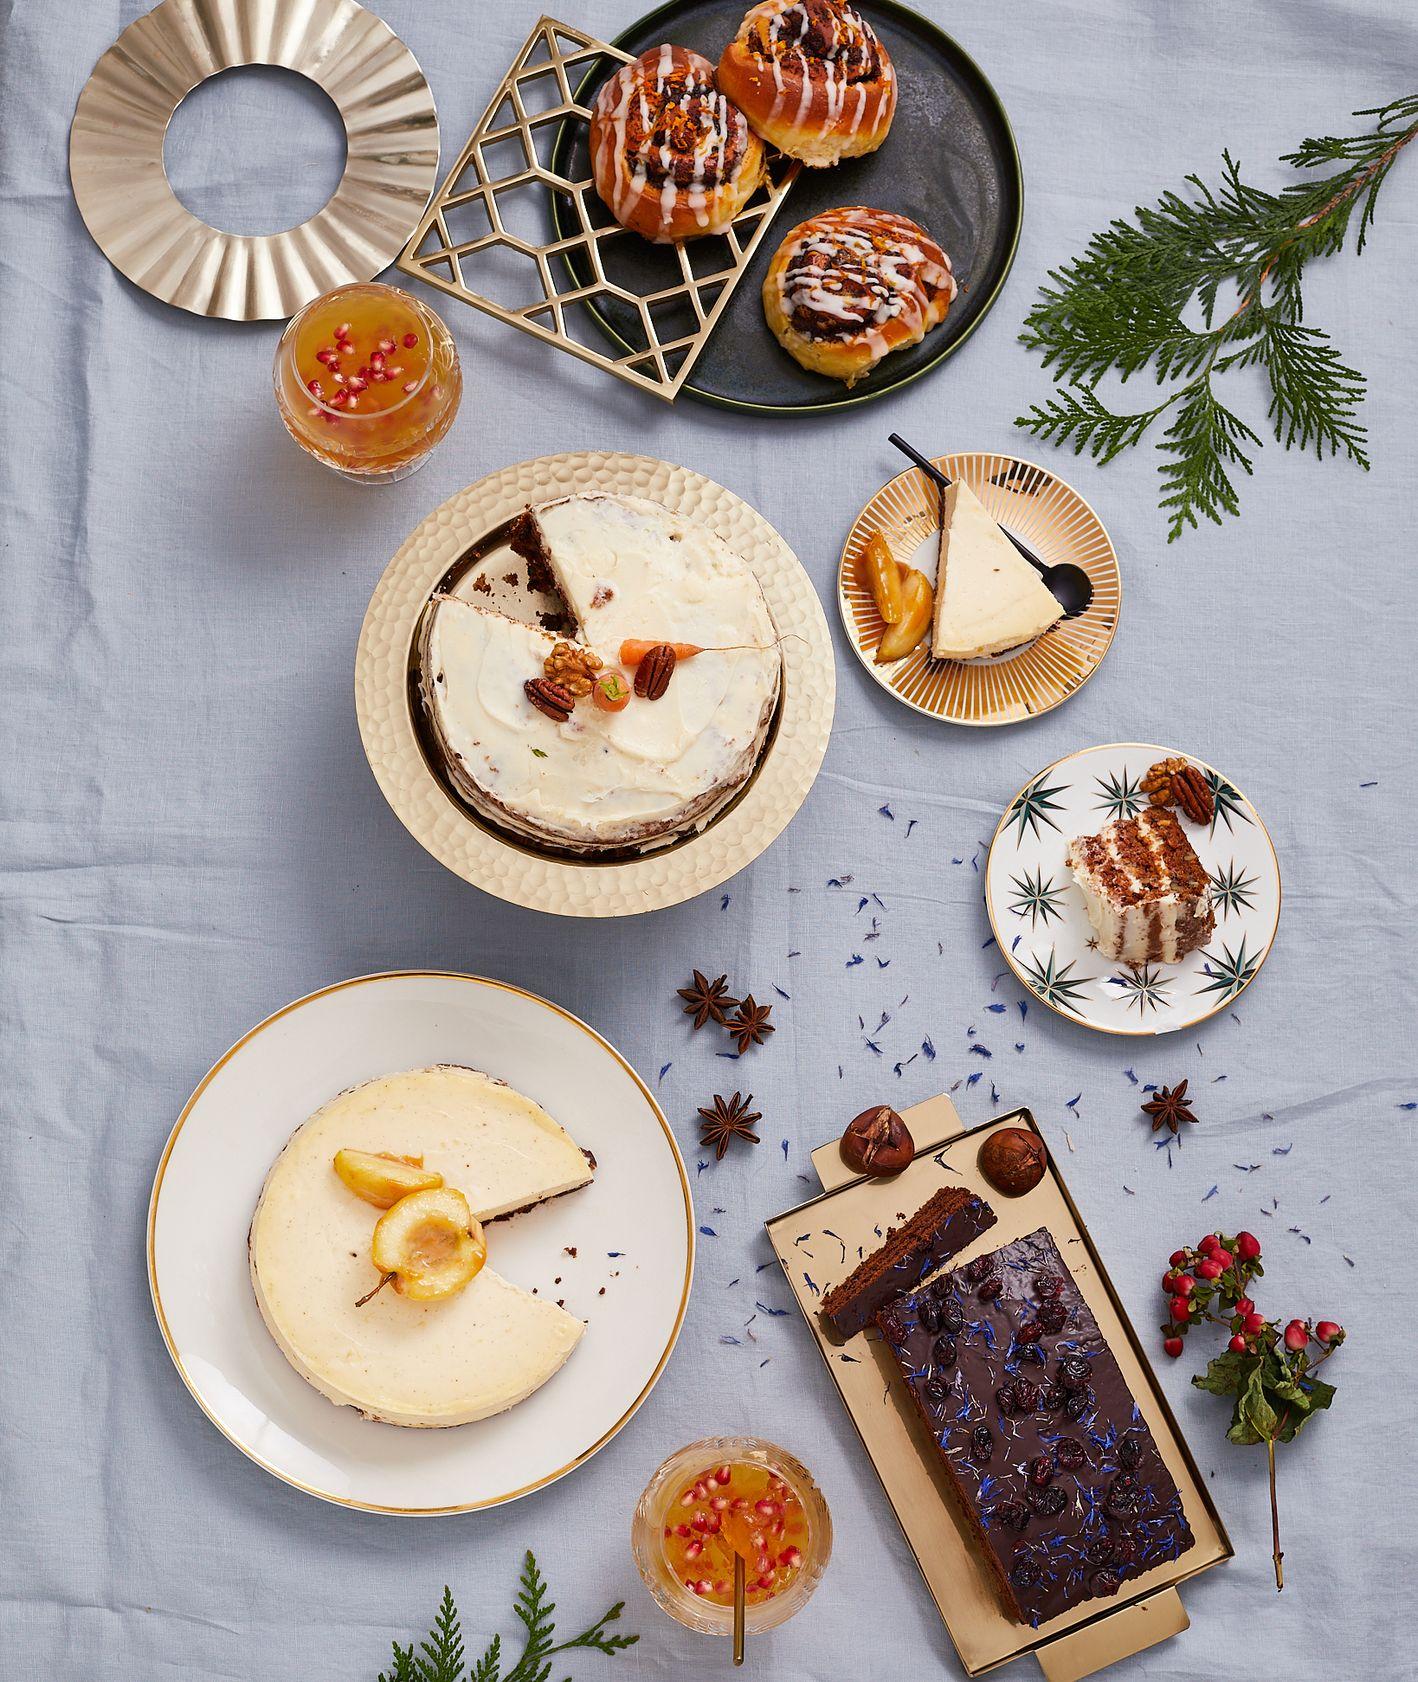 Słodkie wypieki i desery świąteczne (fot. Maciek Niemojewski)